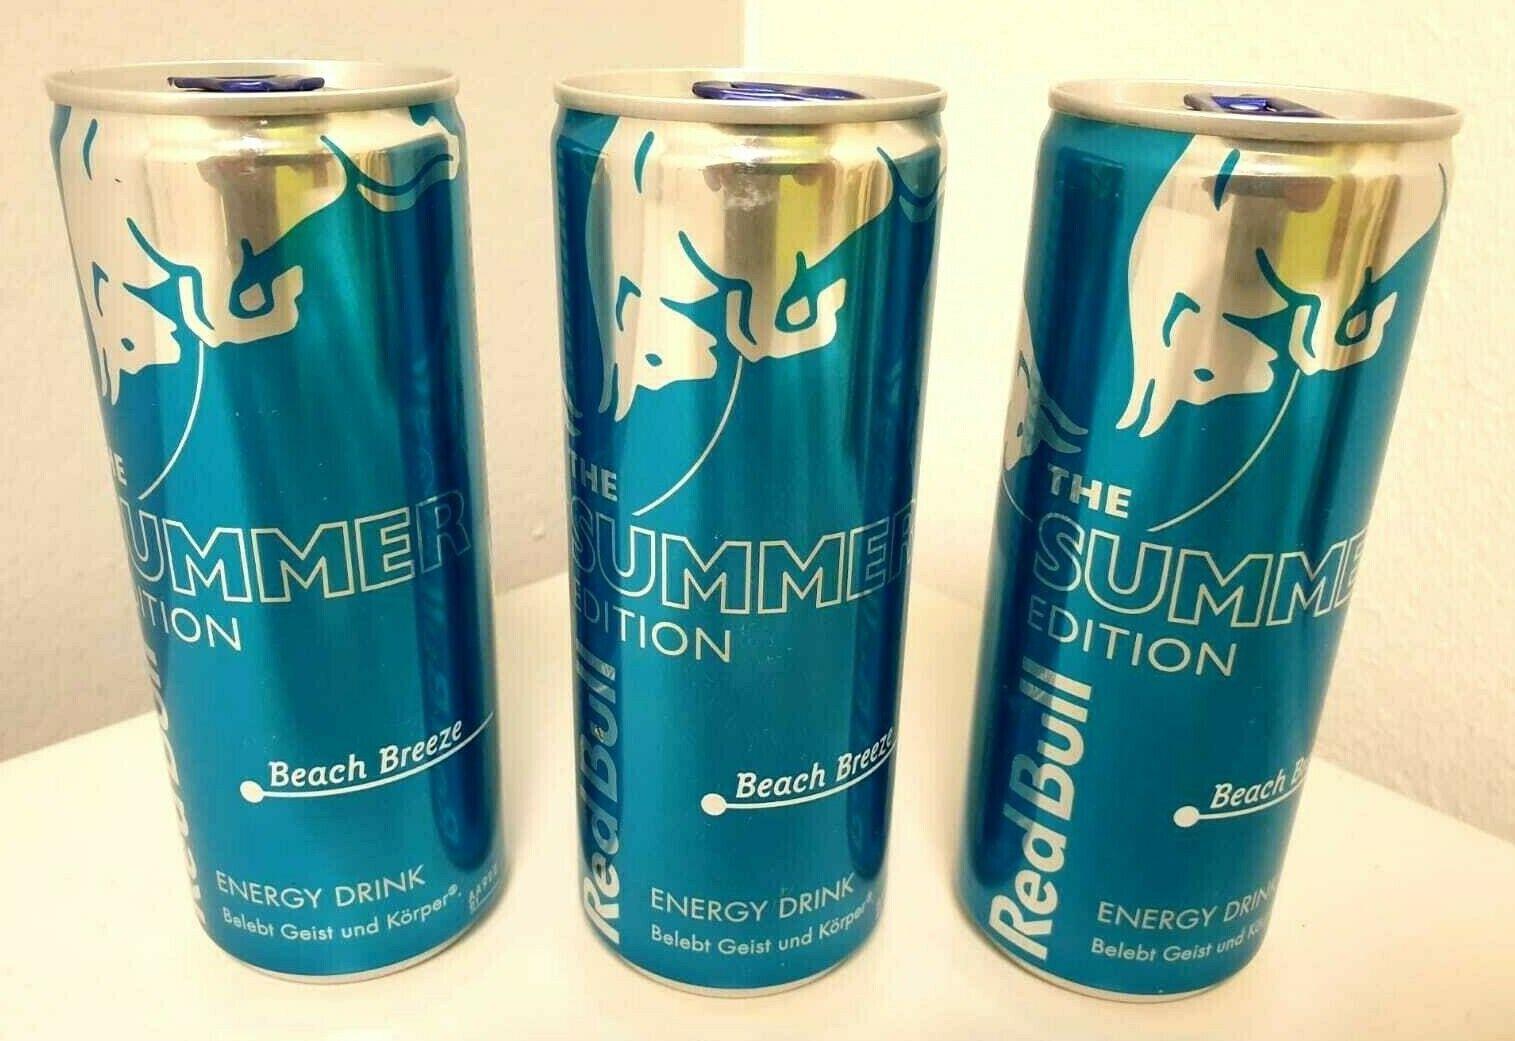 3 Ungeöffnete Dosen Red Bull Summer Edition Beach Breeze 2019 Energy-Drink